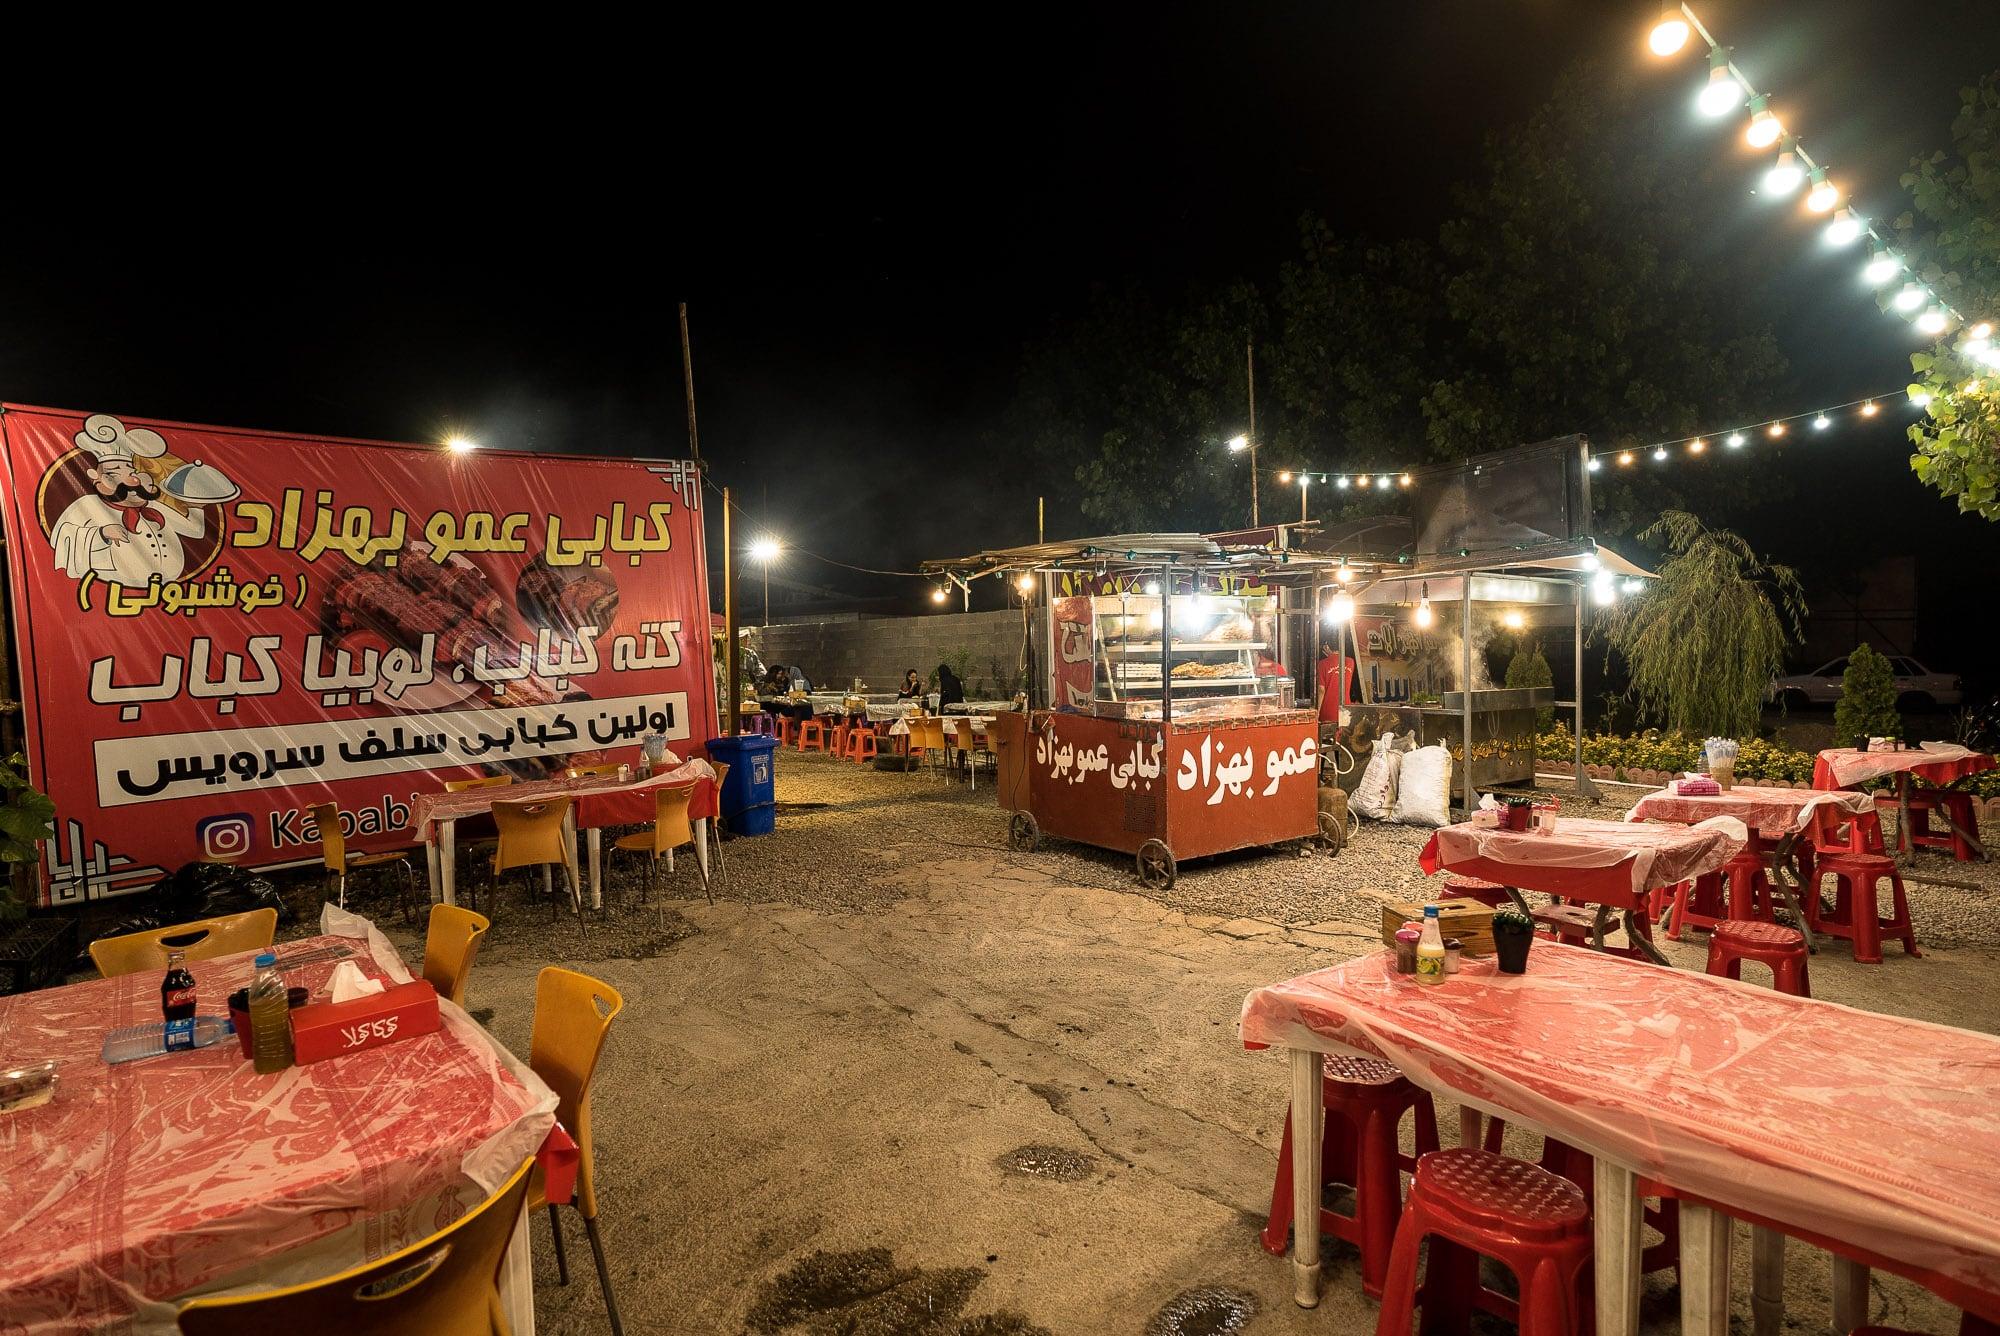 kebab stand near Khomam